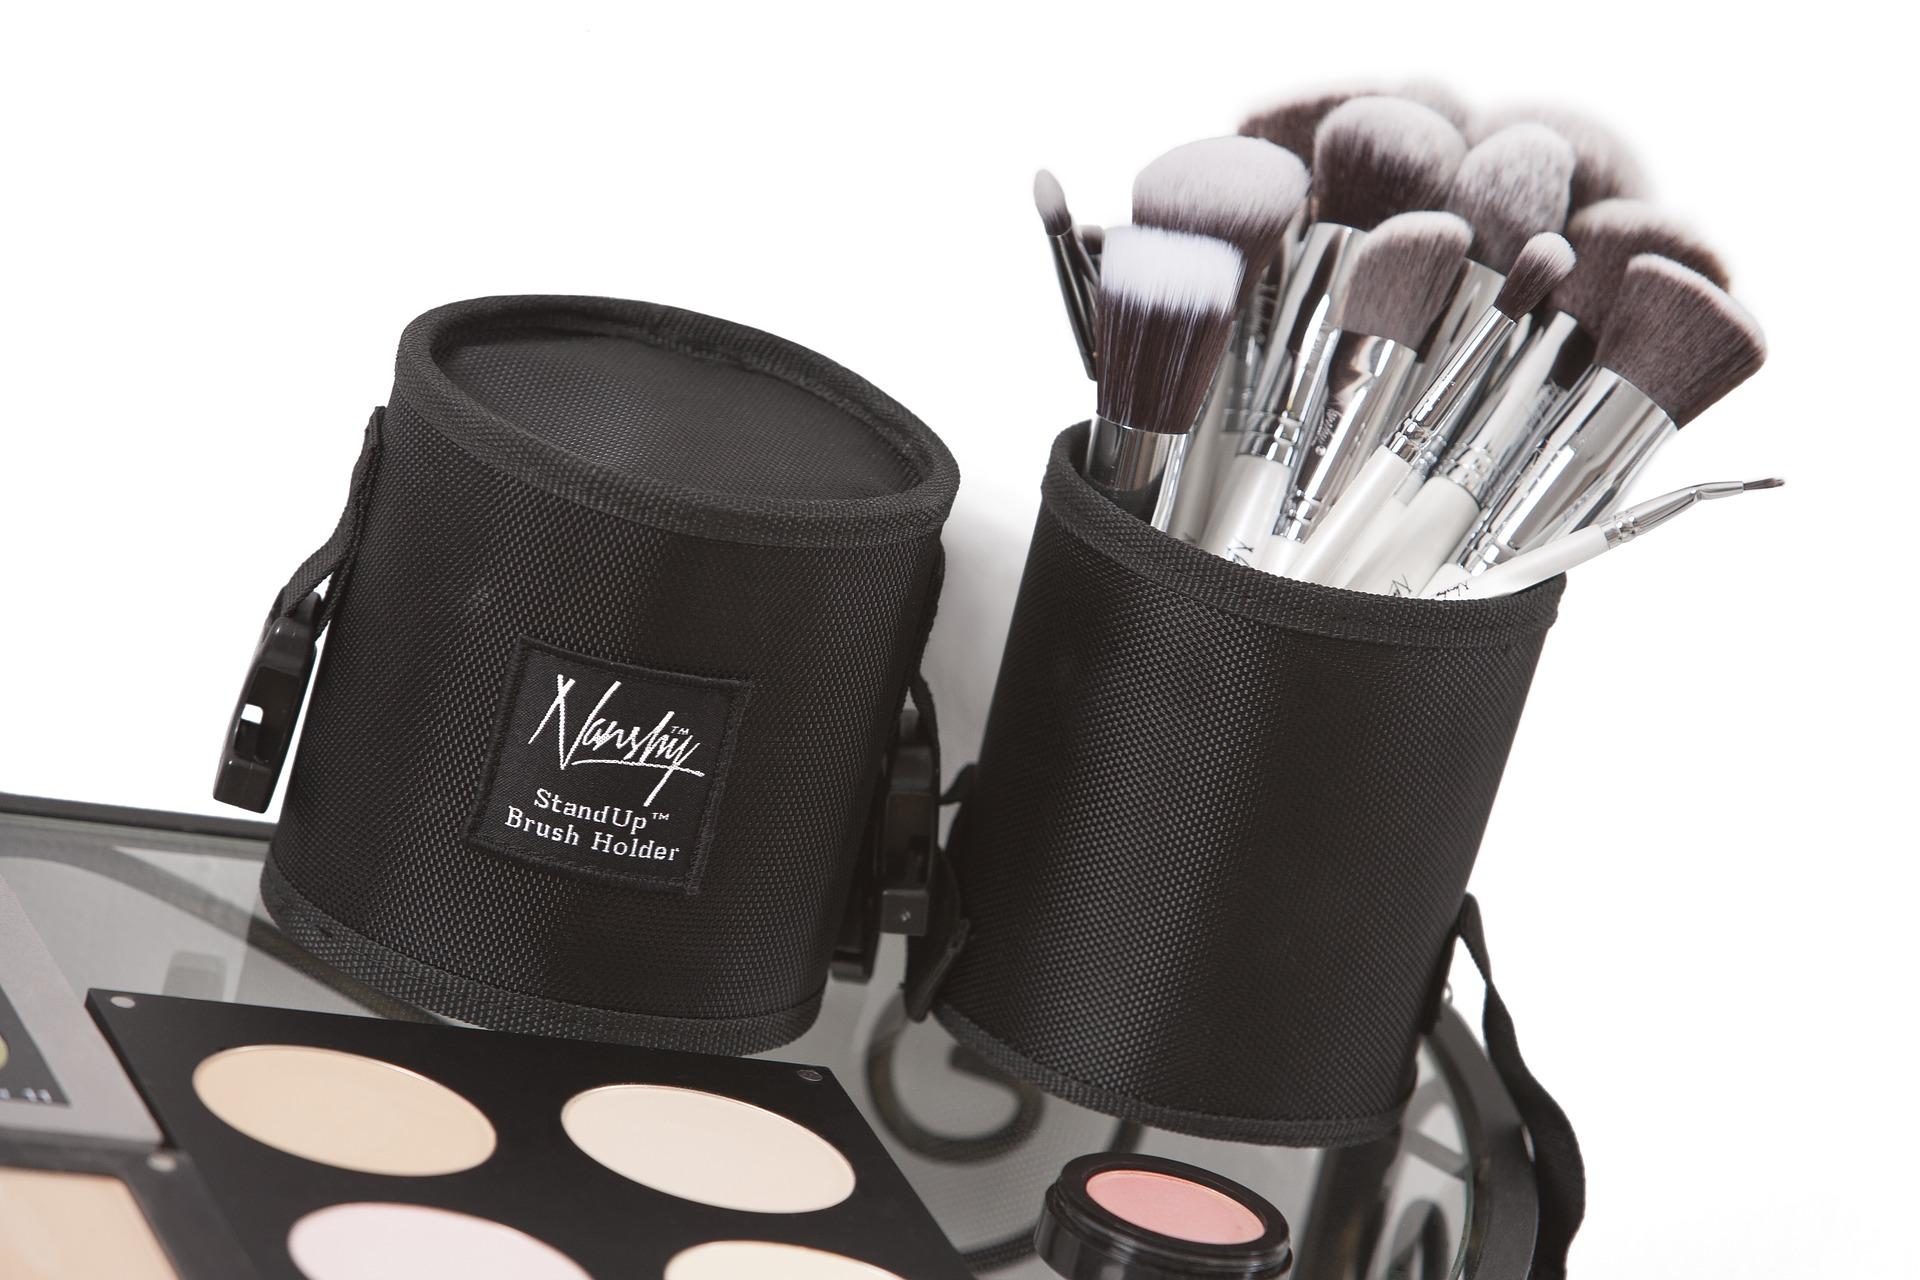 børster, makeup, pleje, skønhed, skønhedsprodukter, organizers, beauty, pleje, personlig pleje, opbevaring, beautyprodukter, makeup